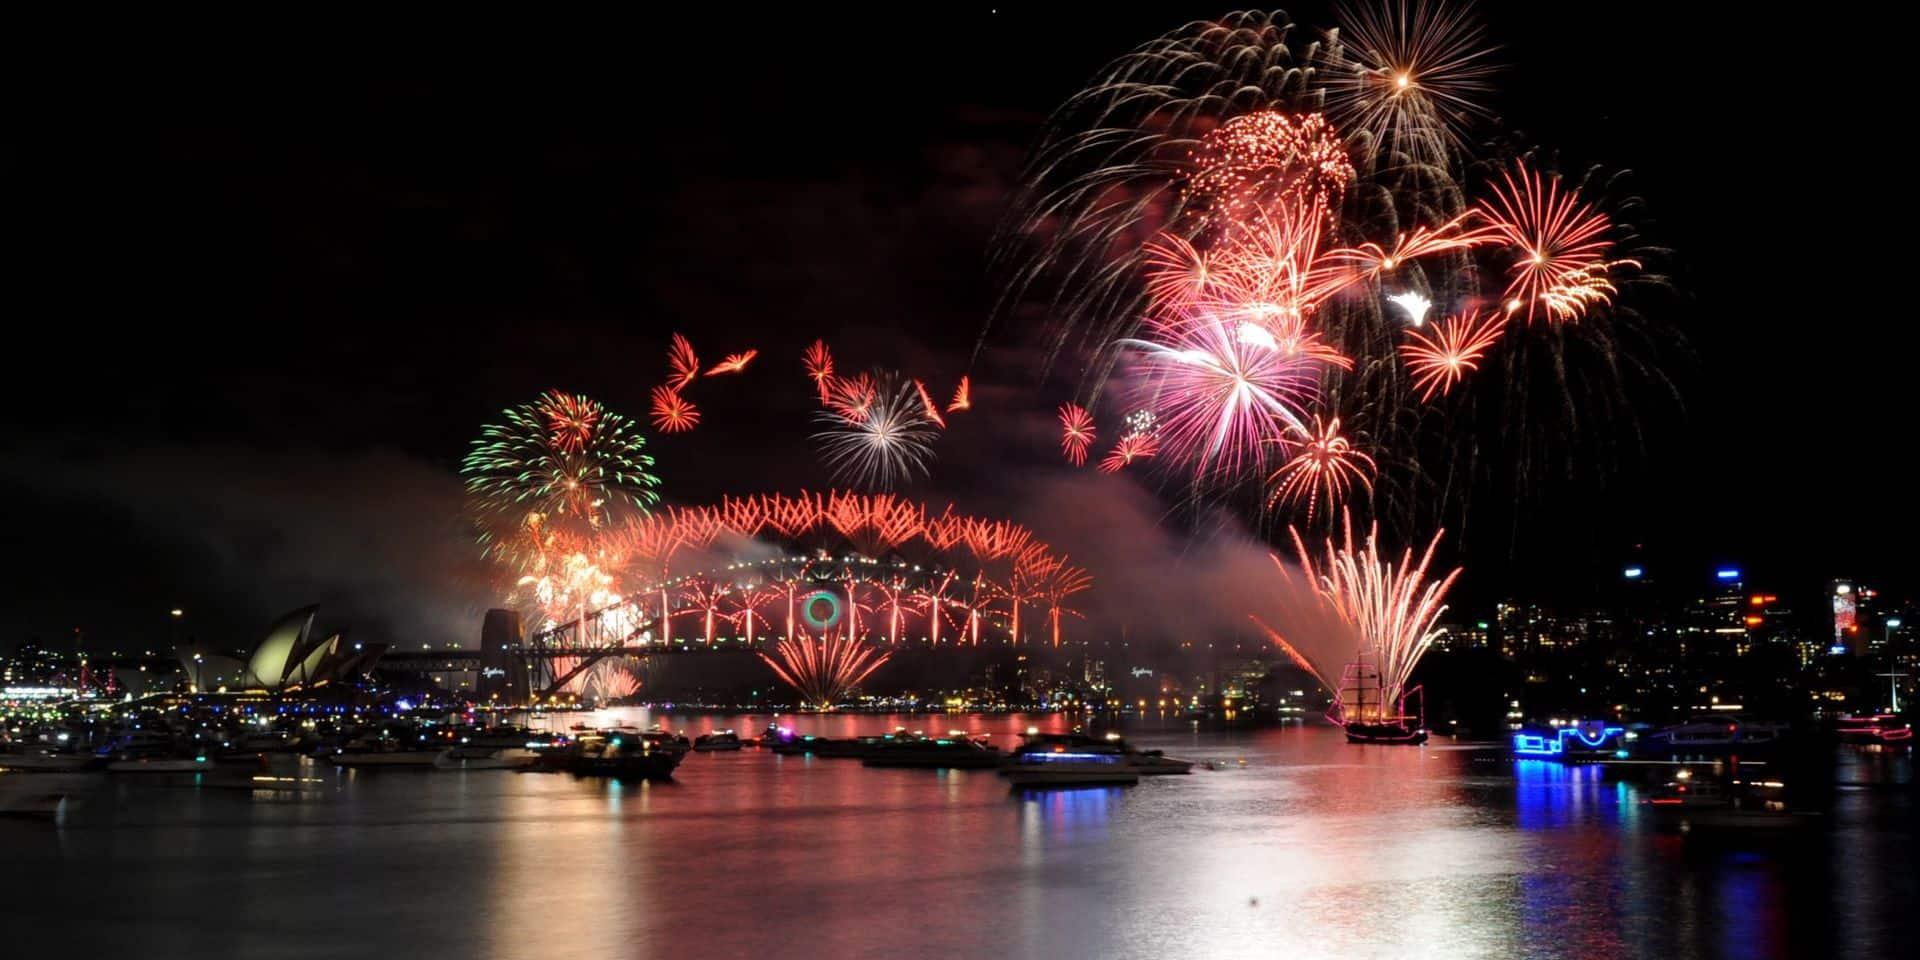 Australie: le feu d'artifice de Sydney maintenu mais sans foule pour l'admirer